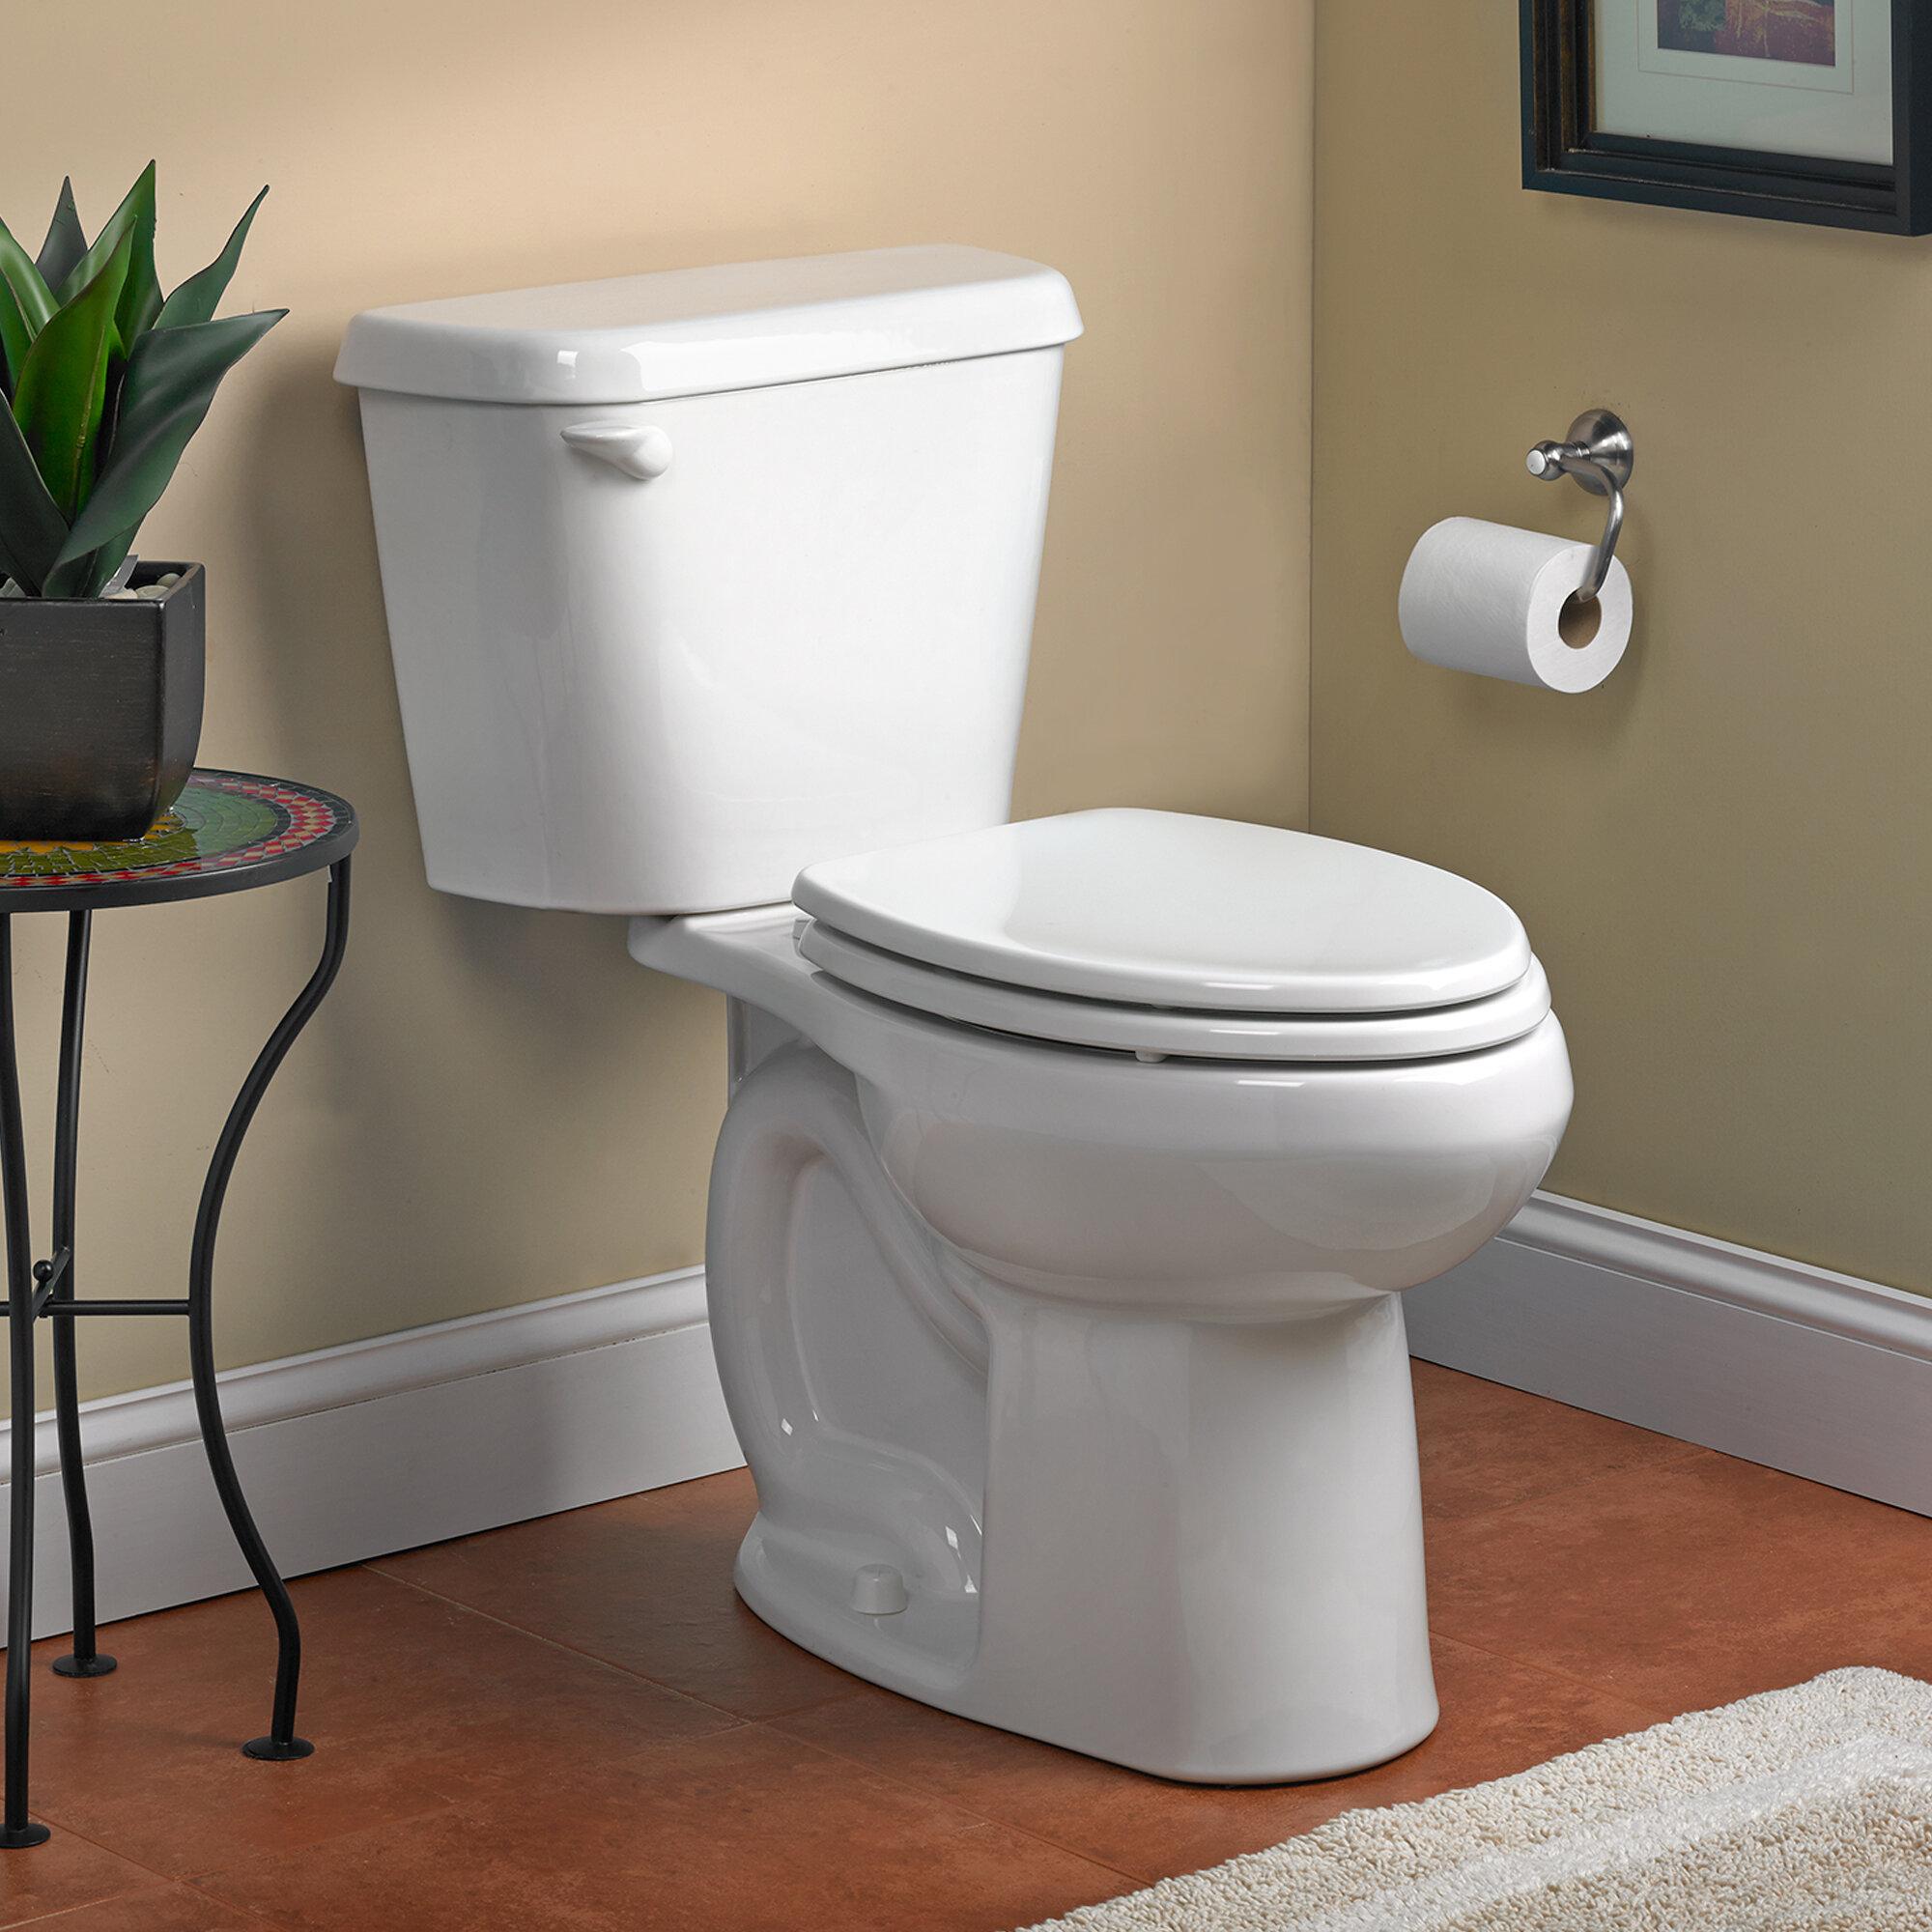 Quiet Flush Toilet